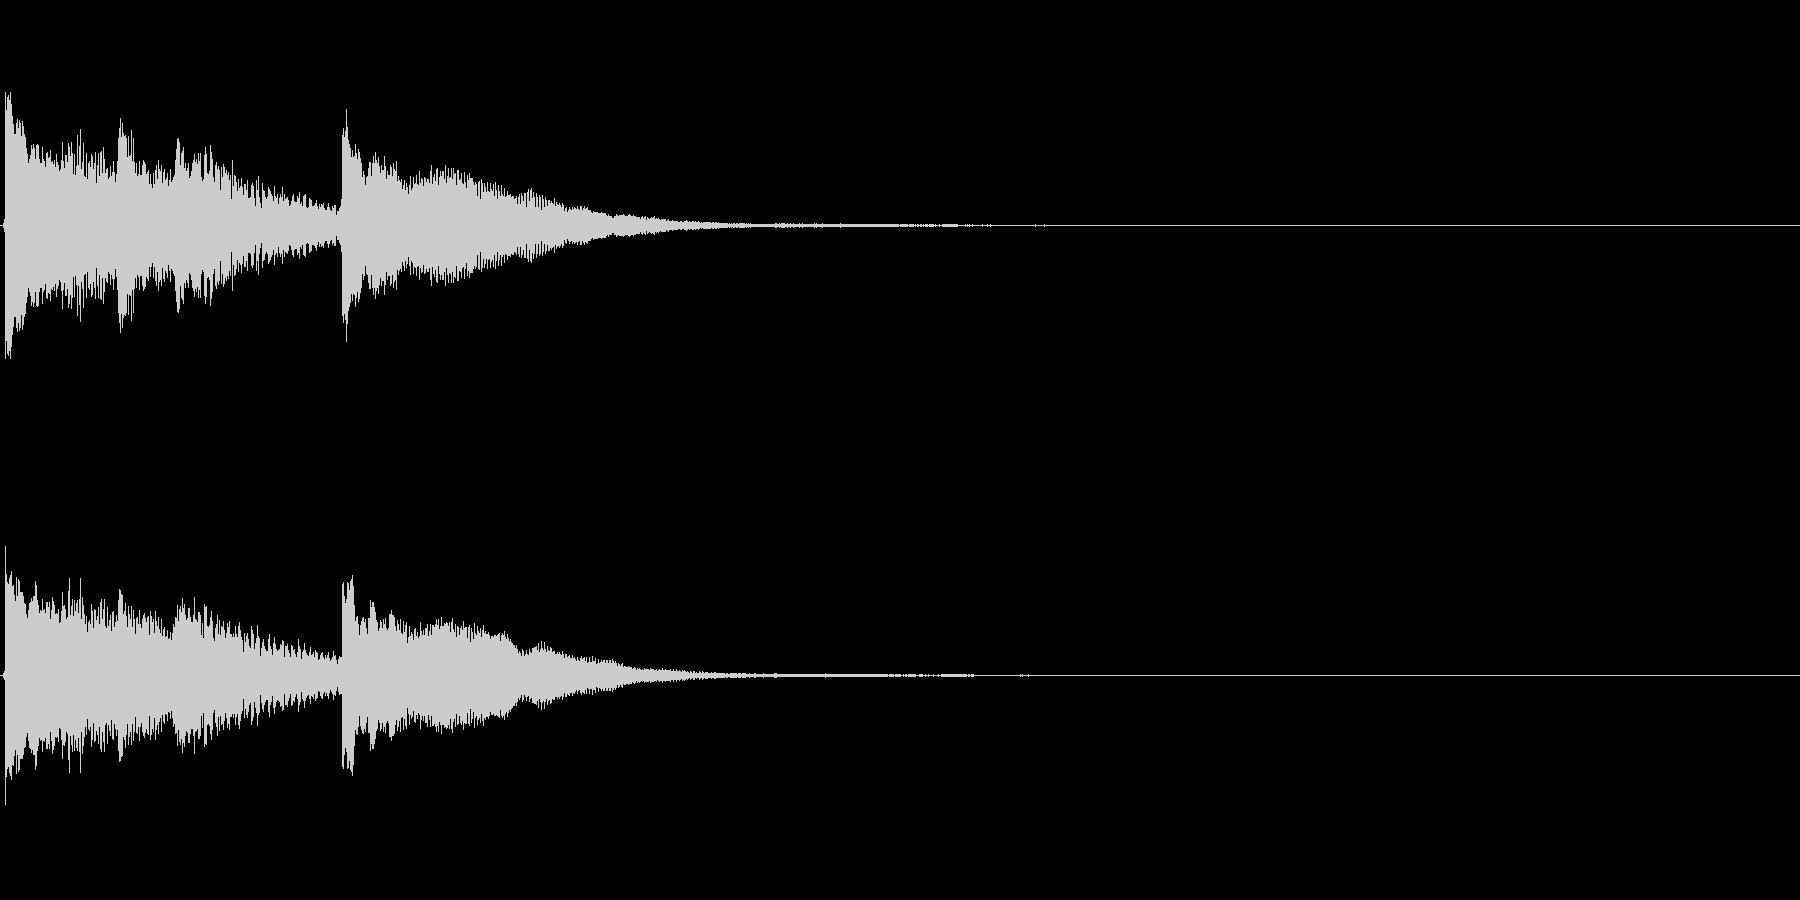 クリア 正解 ジングル サウンドロゴ 1の未再生の波形